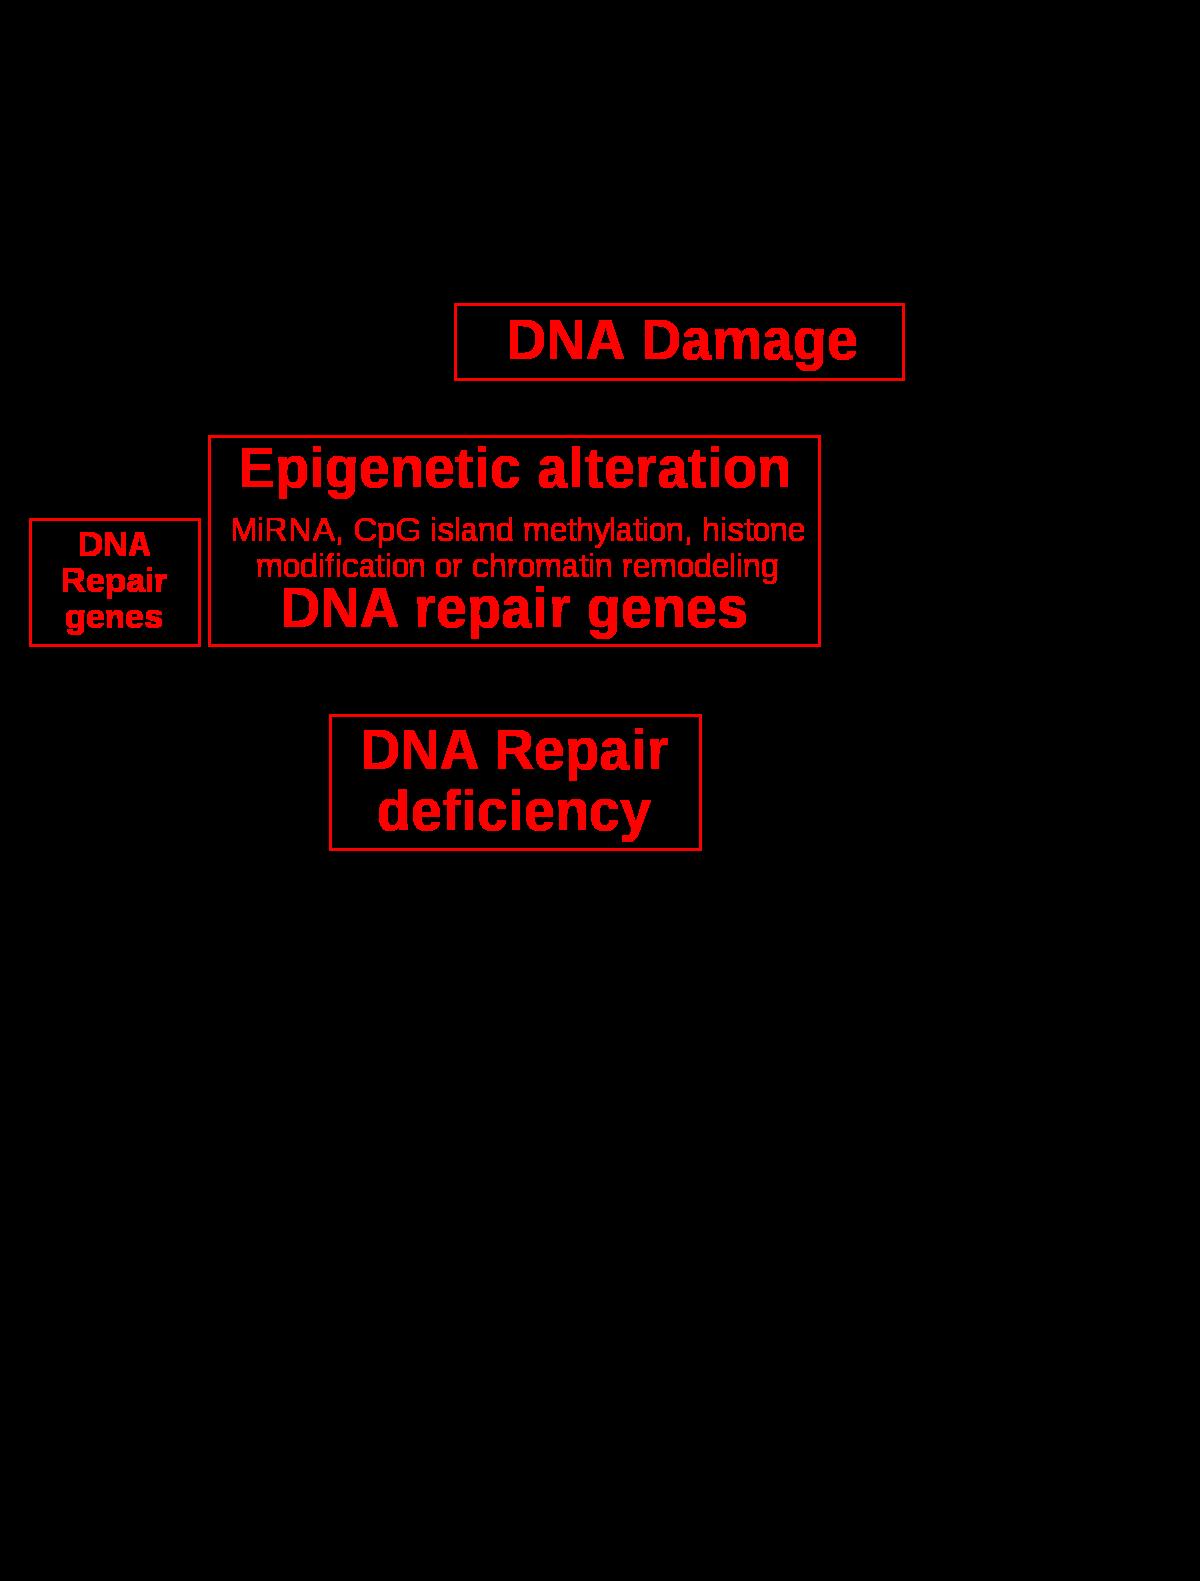 papillomavírus ez az élet gége papillomatosis szteroidok